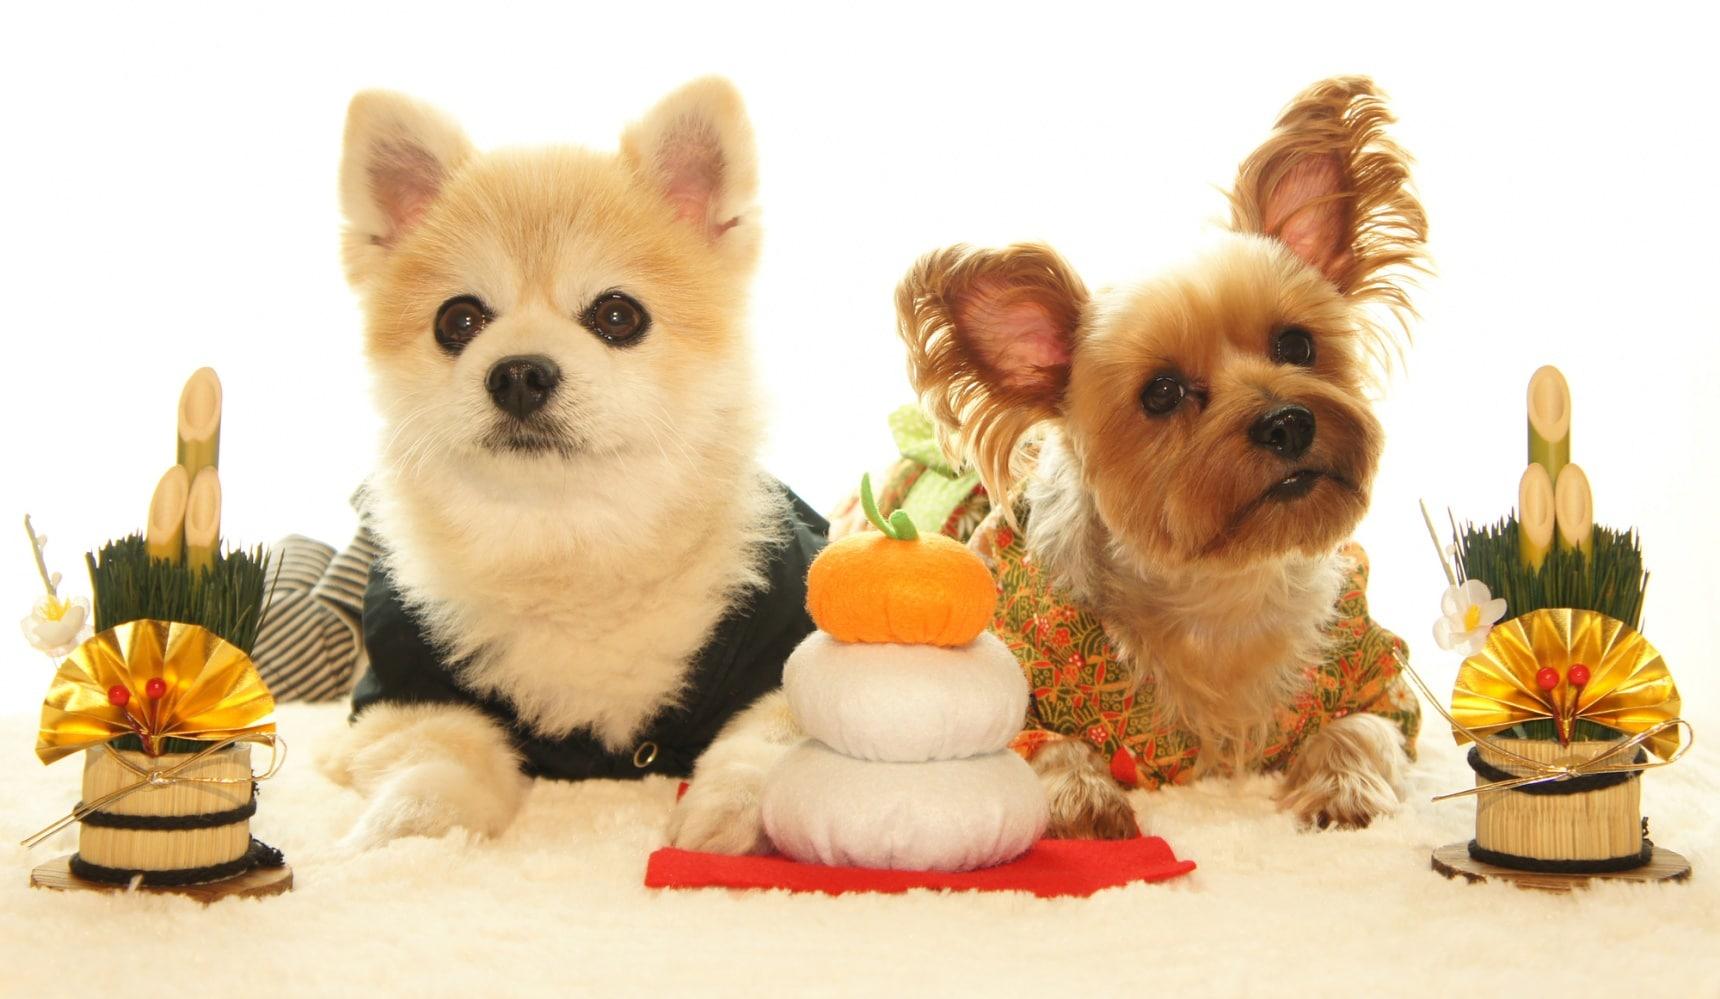 8 วิธีฉลองเทศกาลกับสัตว์เลี้ยง (แบบคนญี่ปุ่น)